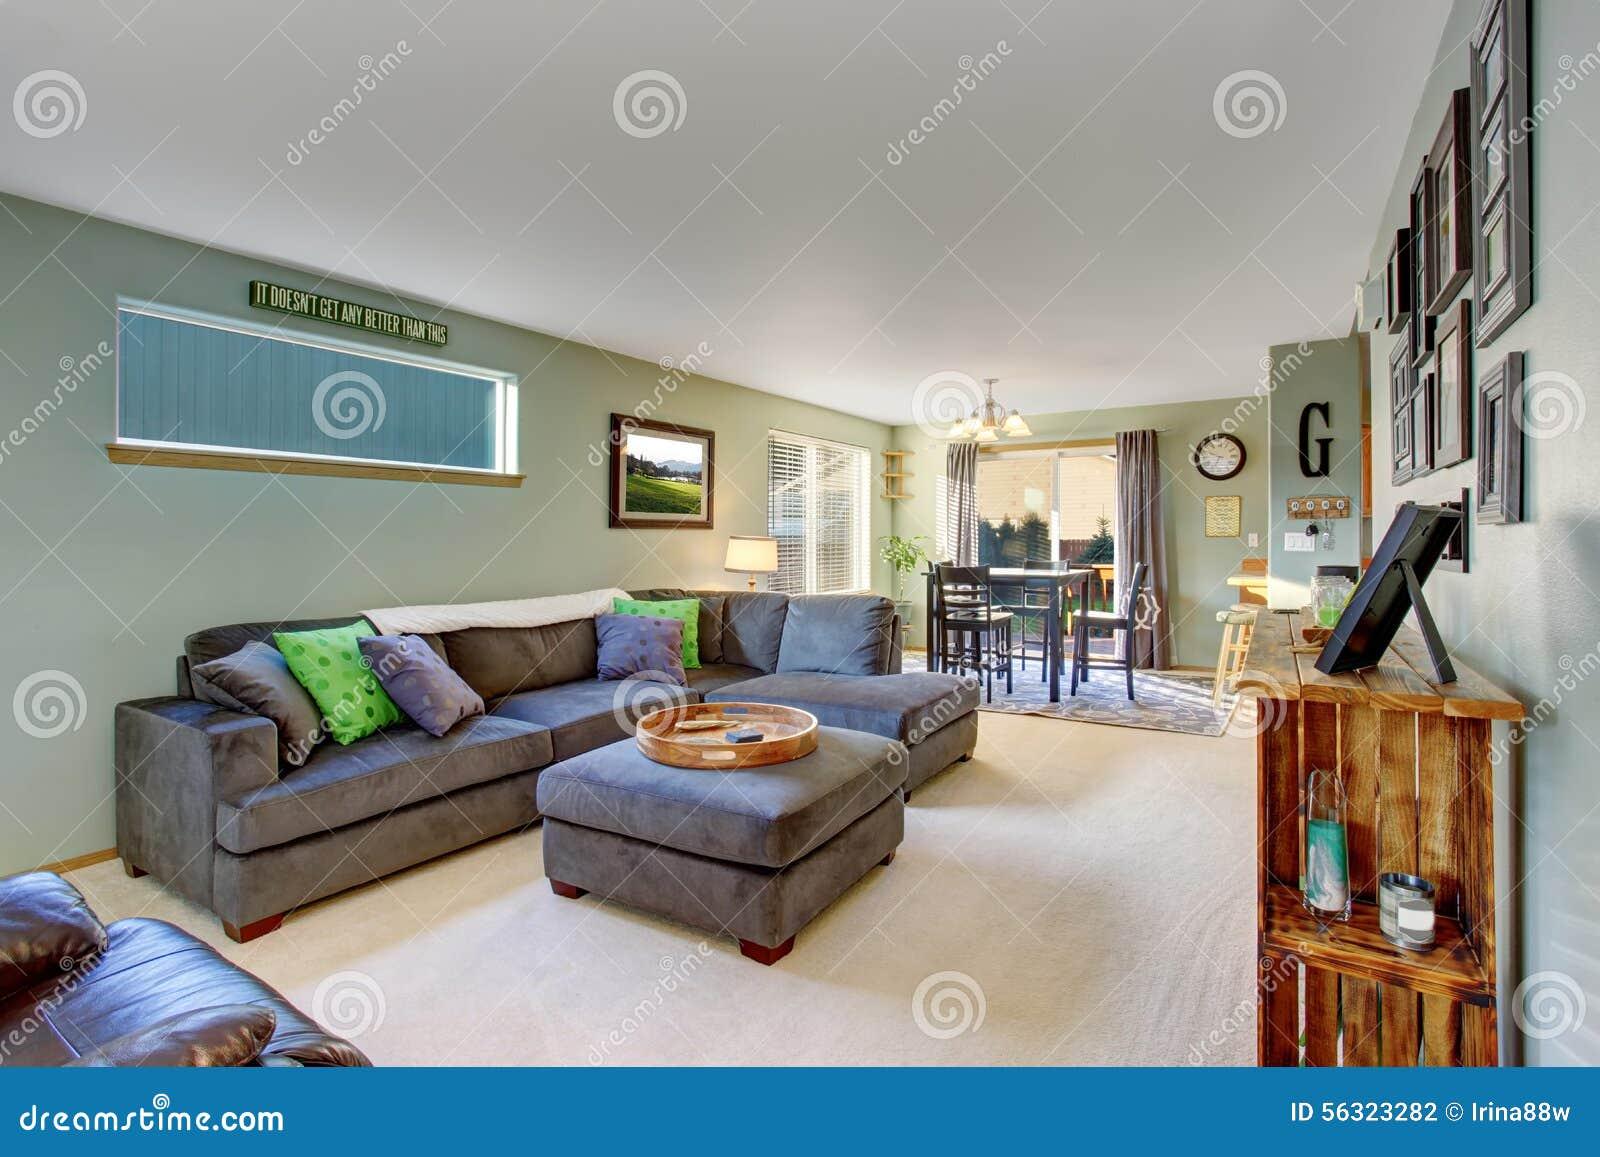 Klassisk vardagsrum med matta arkivfoto   bild: 56323282